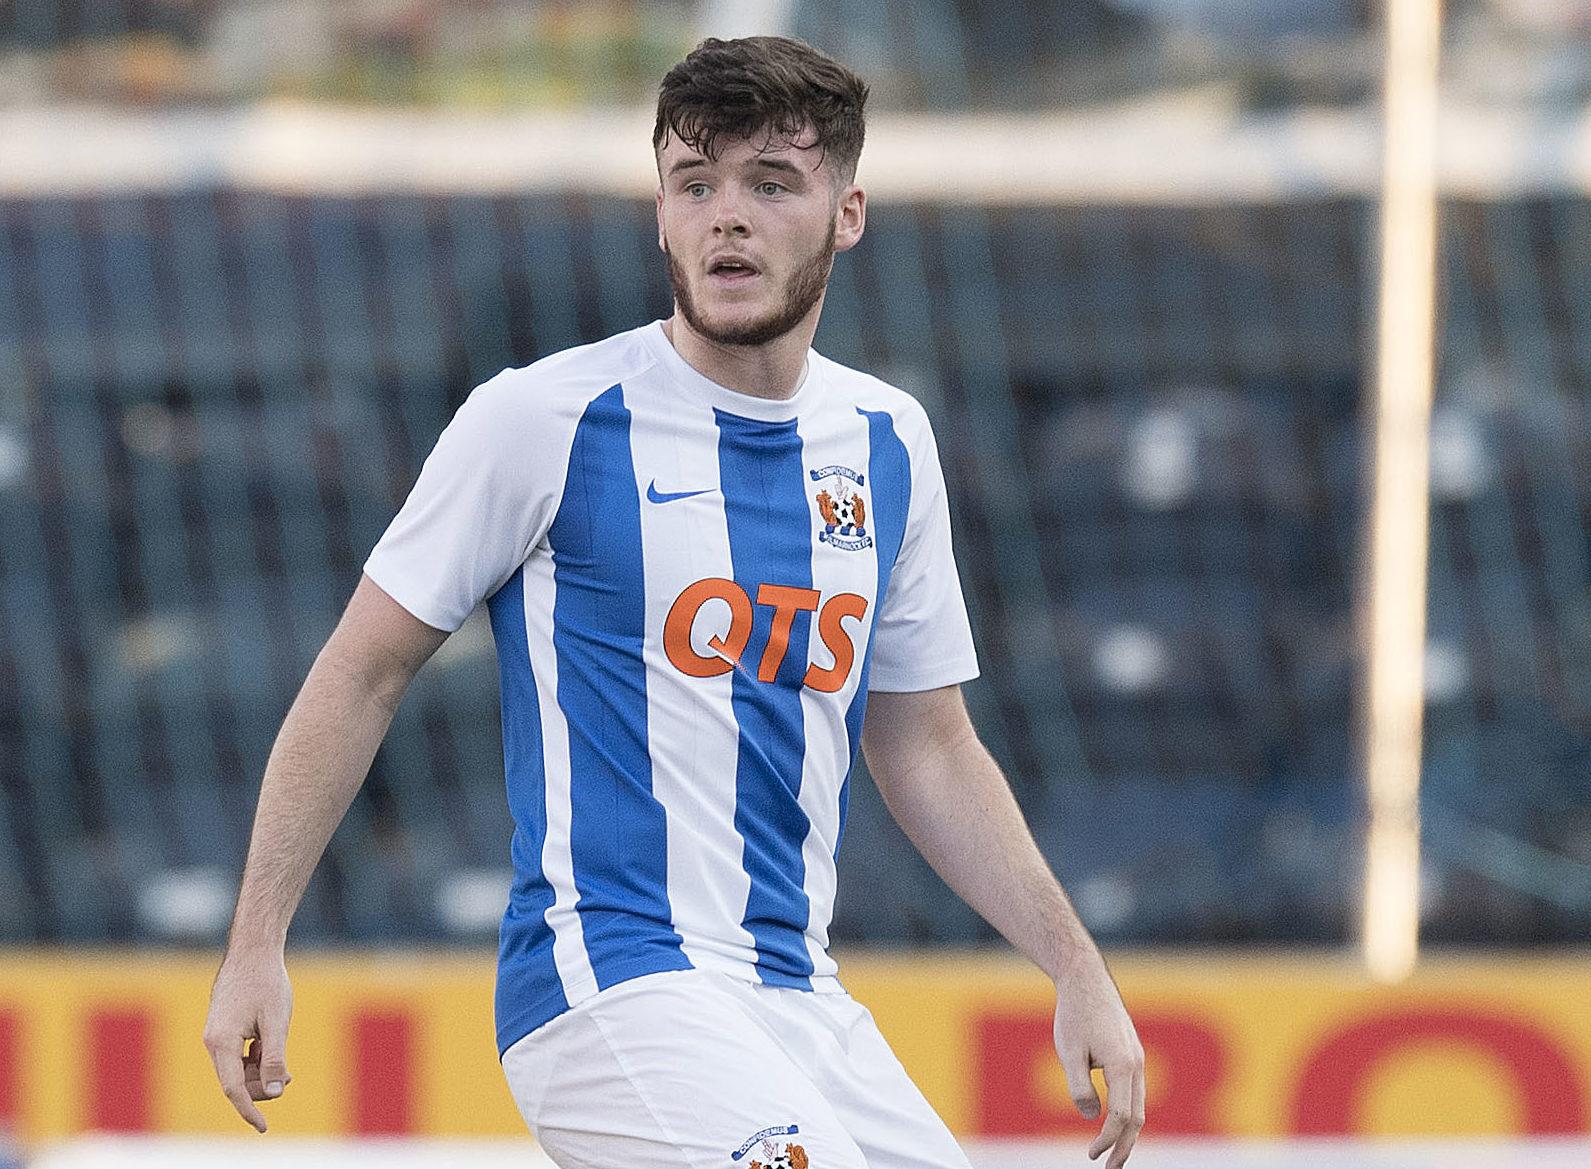 Daniel Higgins in action for Kilmarnock.